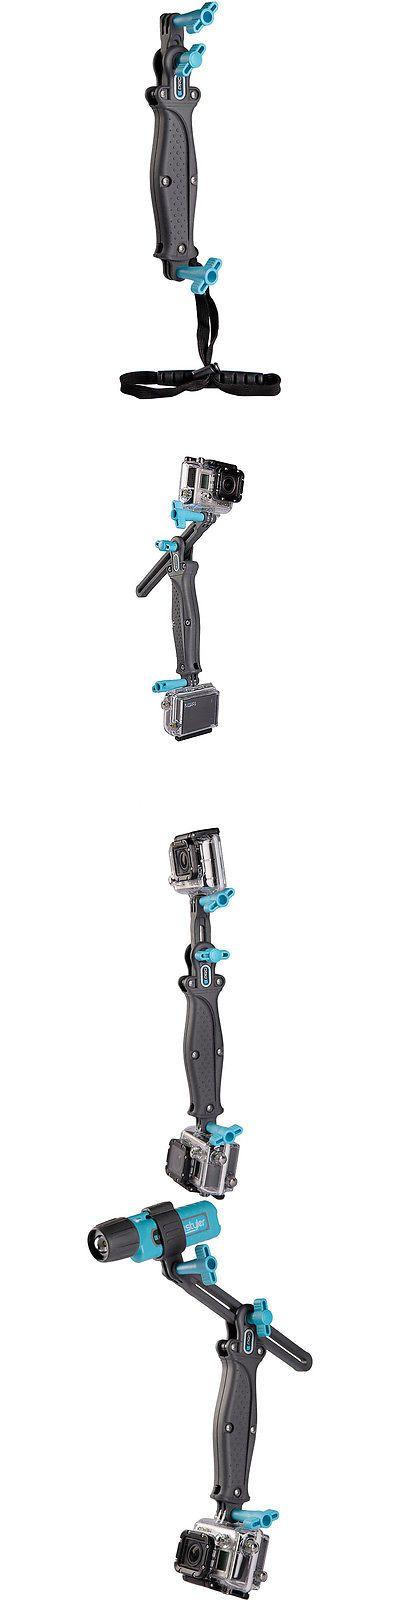 Helmet Accessories 177865: Uk Pro Flex Grip BUY IT NOW ONLY: $49.95